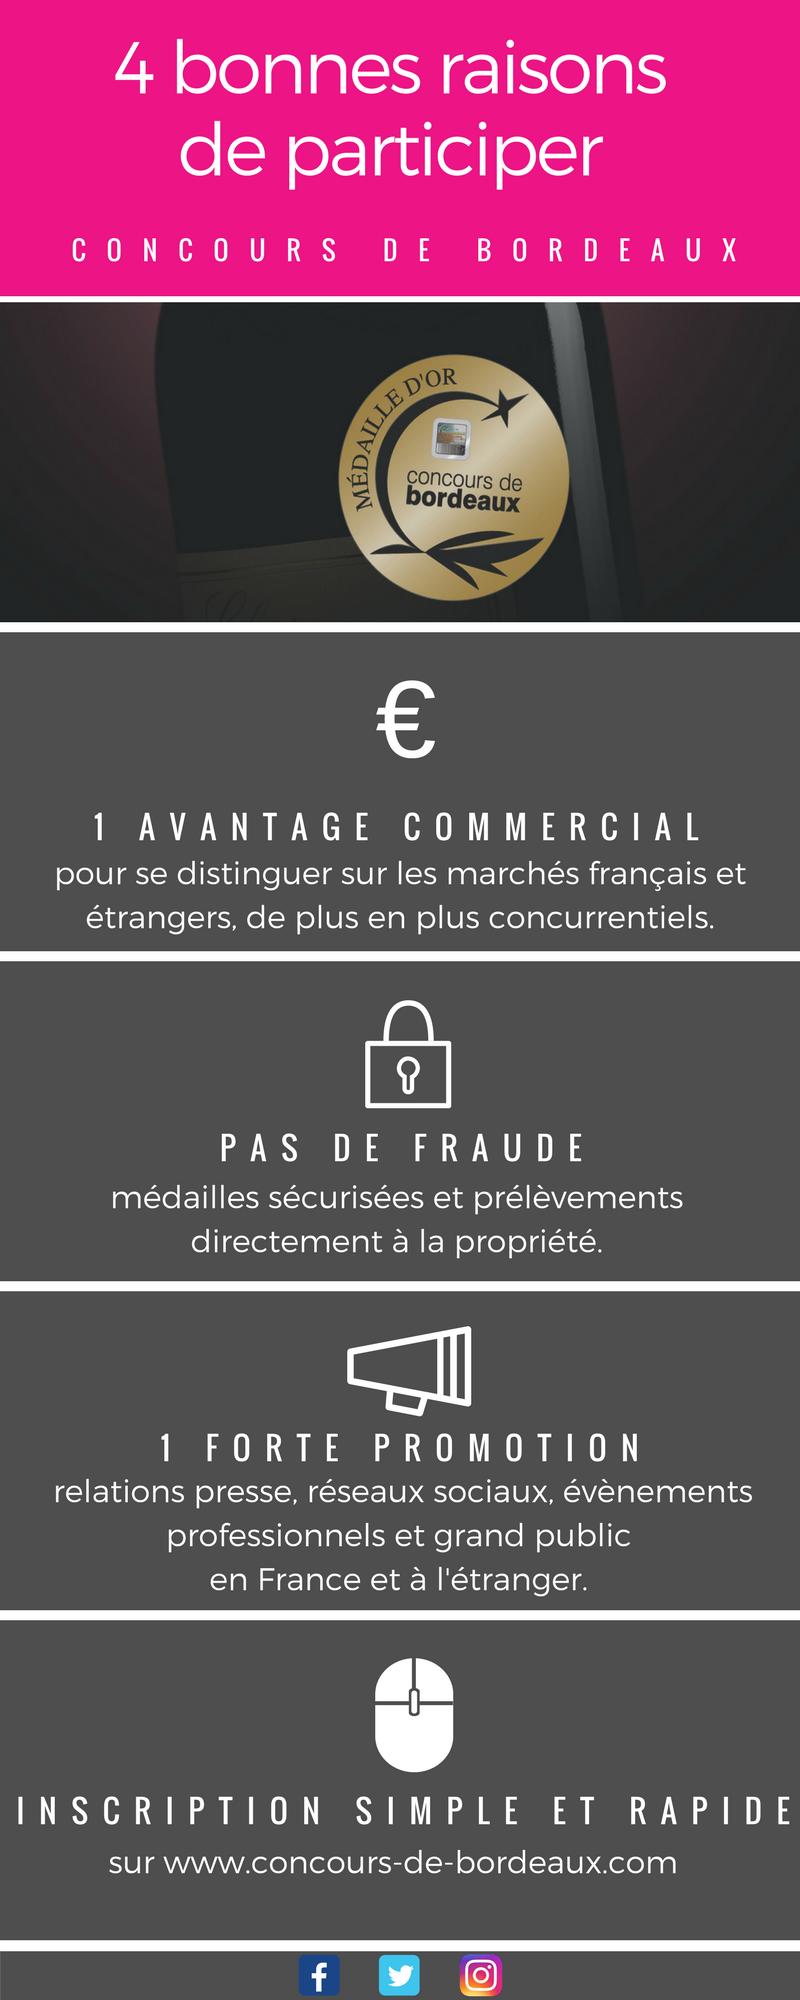 4 bonnes raisons de participer au Concours de Bordeaux